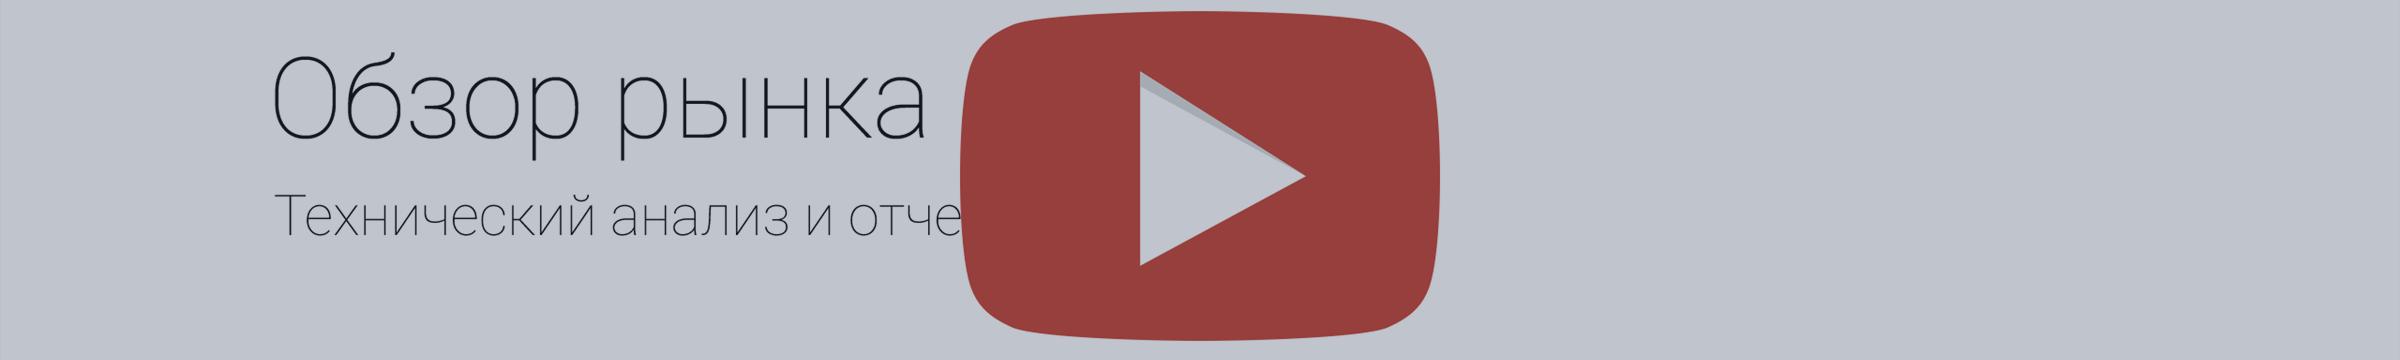 Еженедельный видеообзор финансовых рынков (4 - 10 июля)